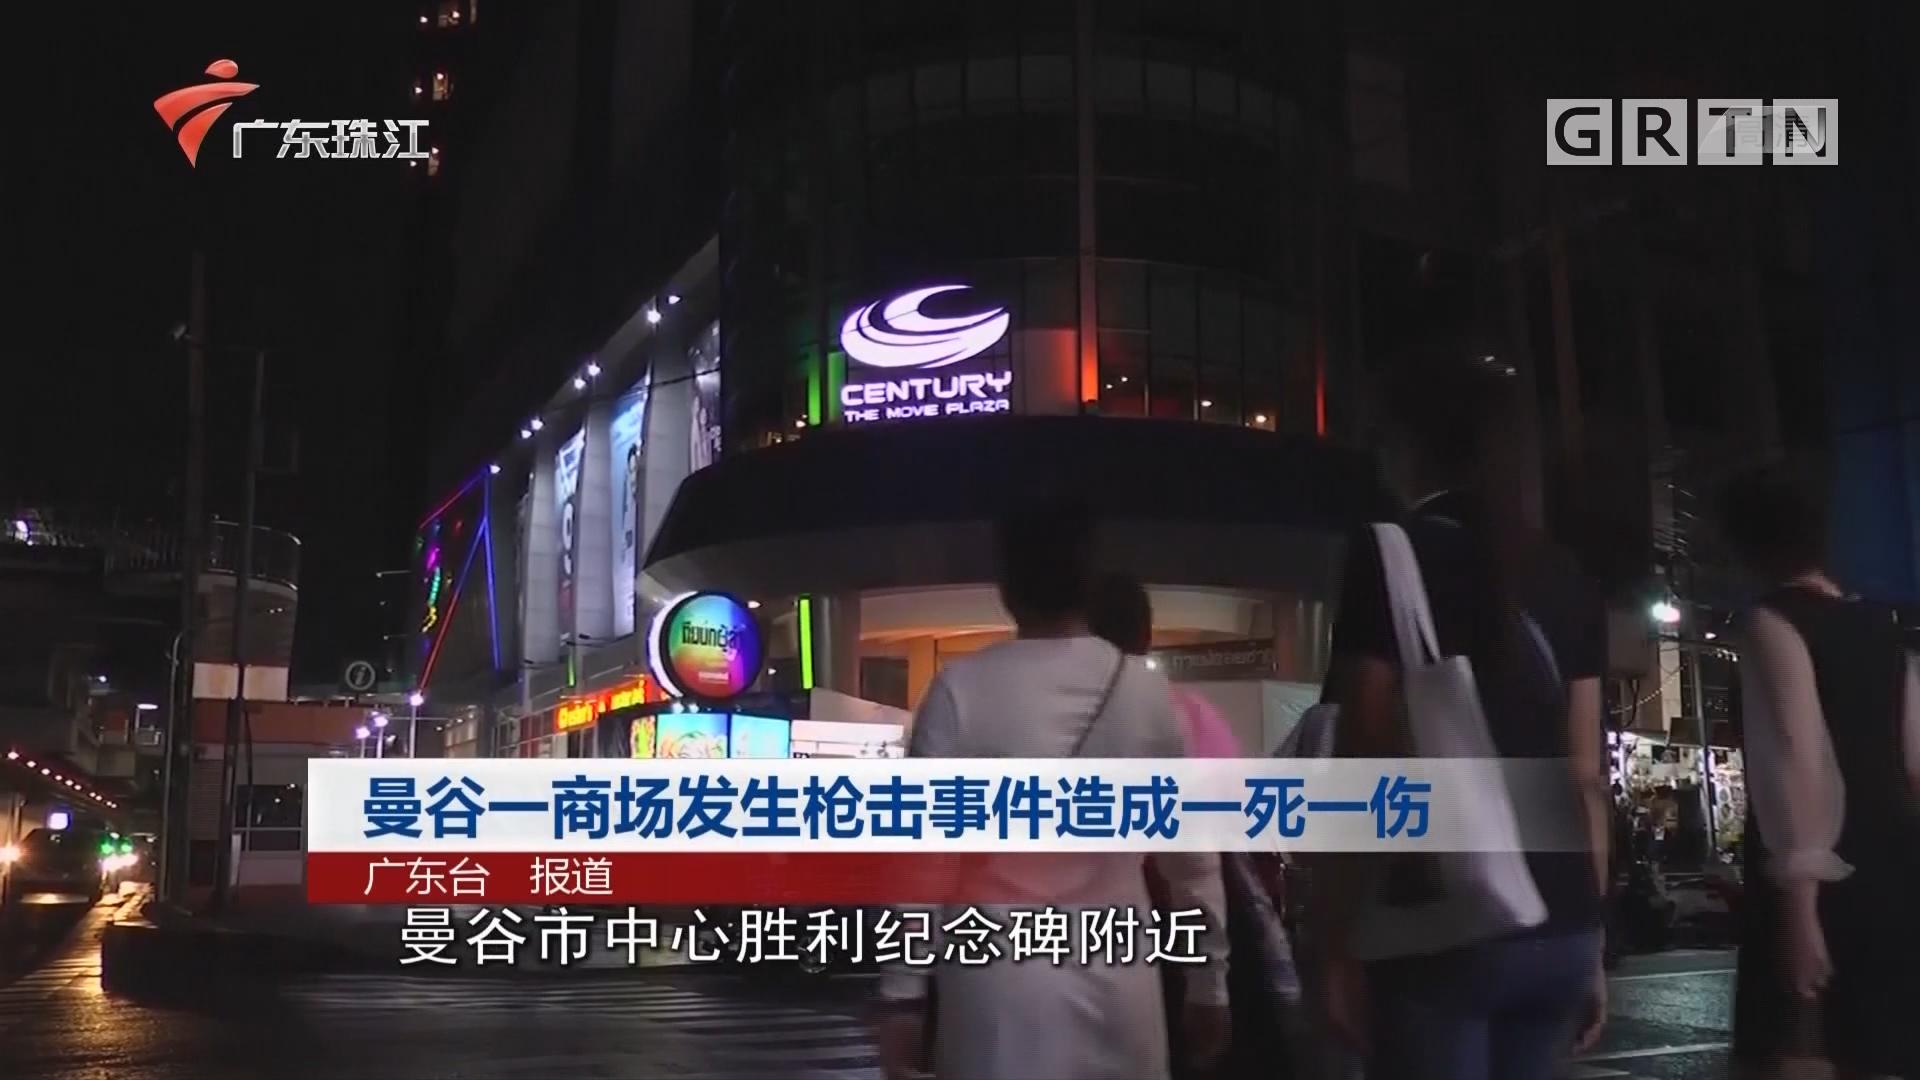 曼谷一商场发生枪击事件造成一死一伤